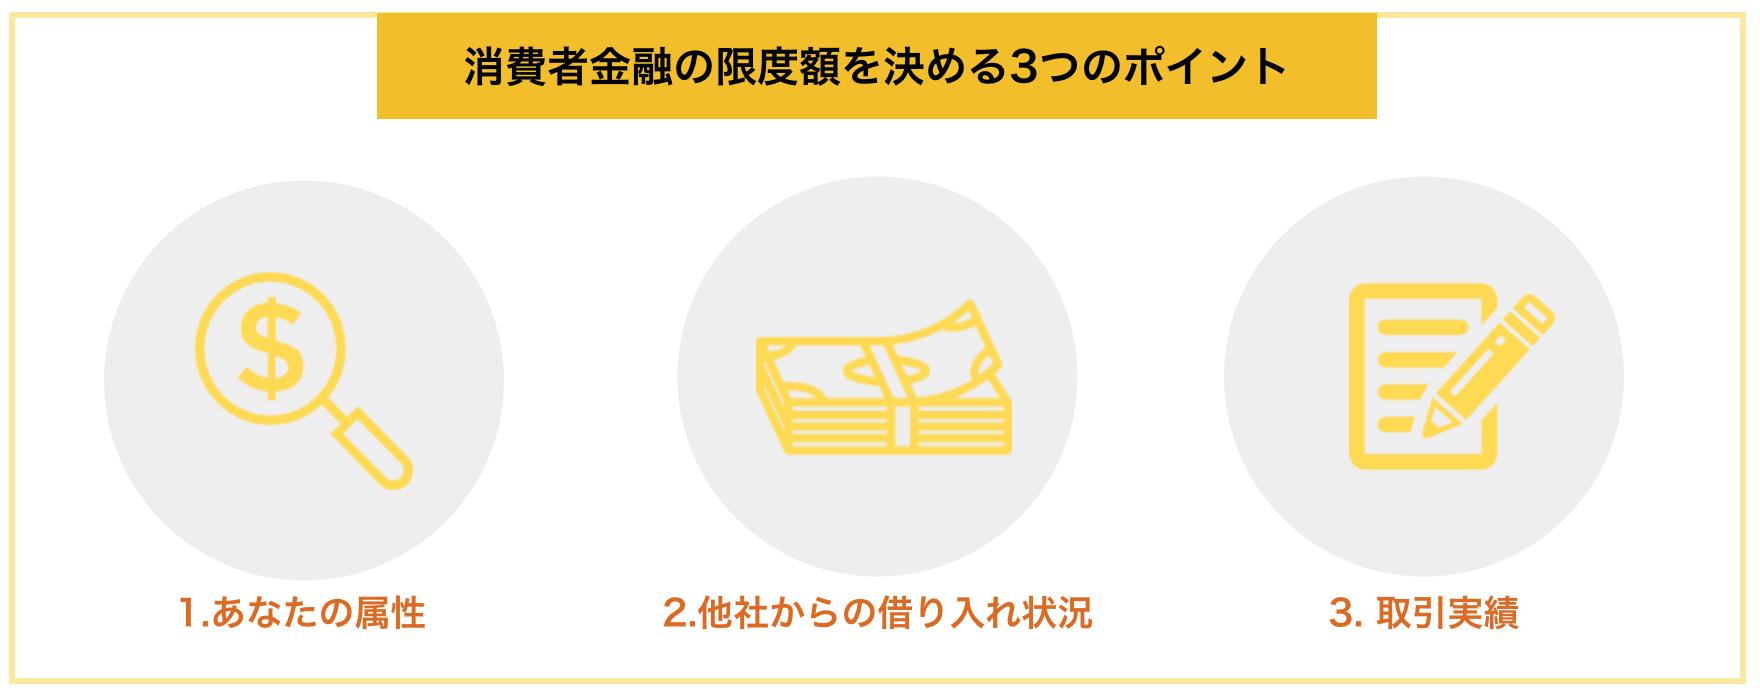 消費者金融の限度額を決める3つのポイント